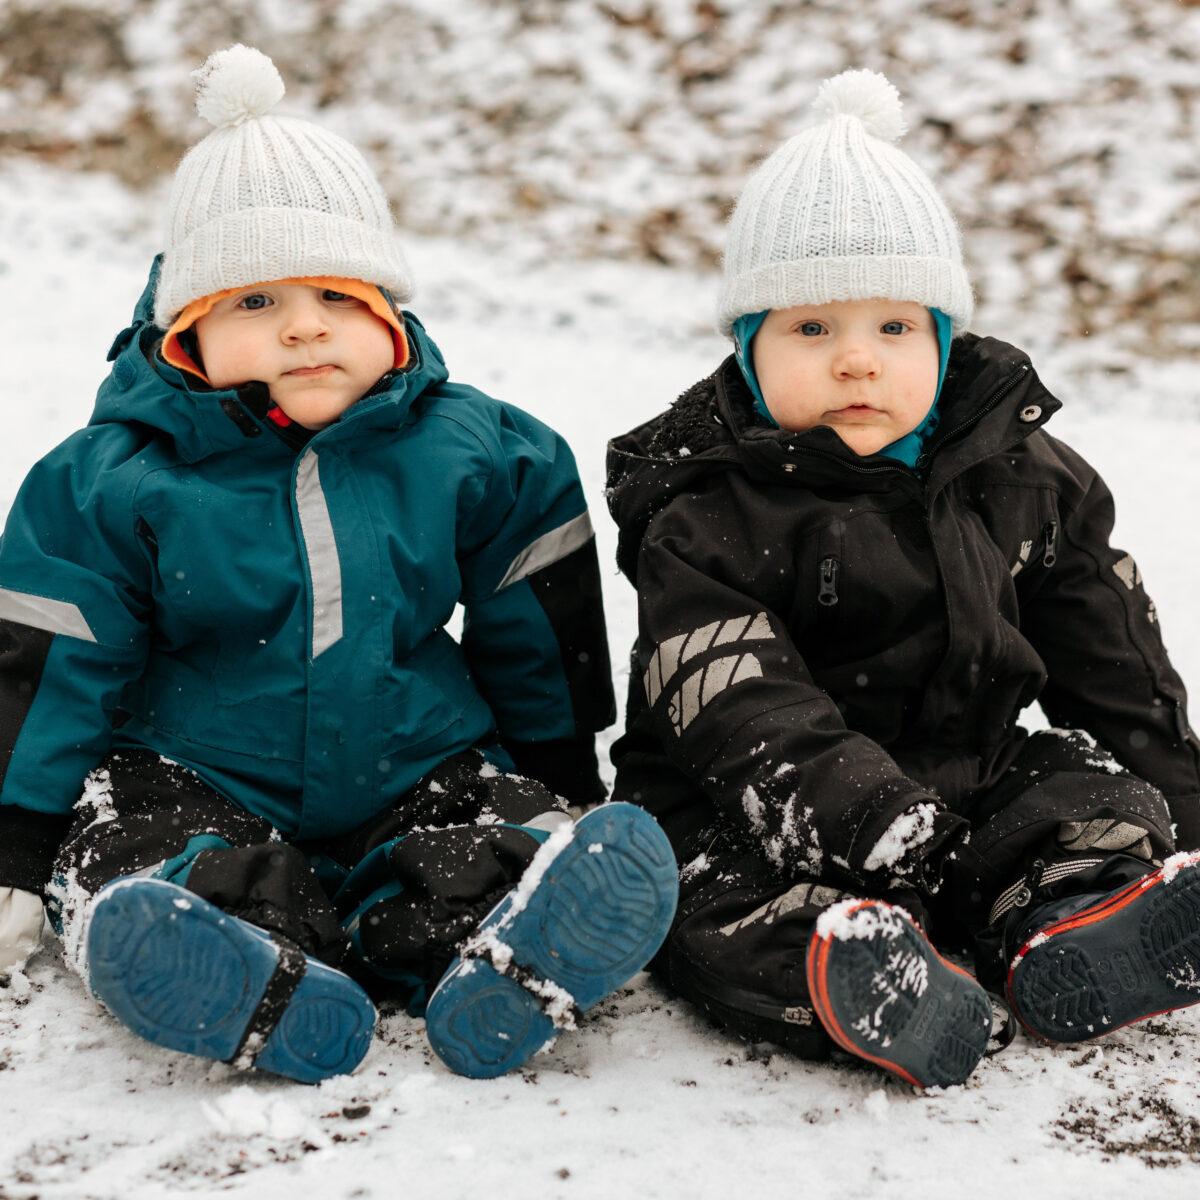 kaksoset istuvat maassa, pipot päässä